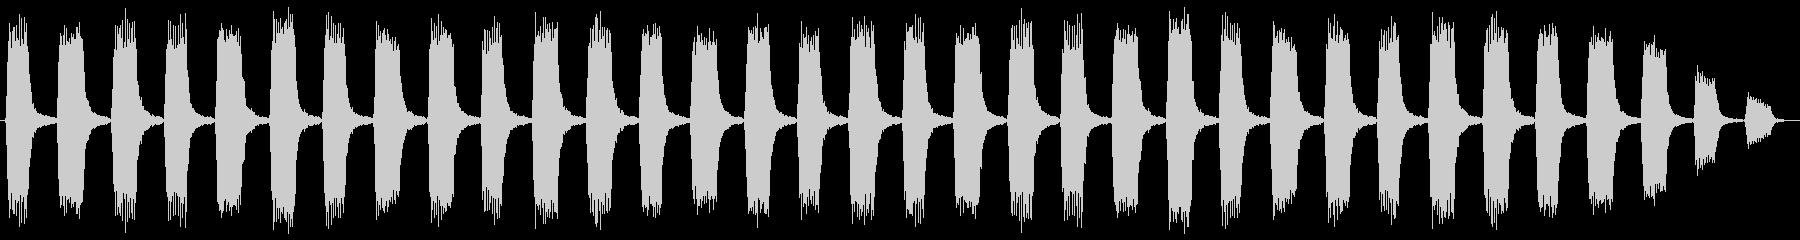 セキュリティーアラートの未再生の波形